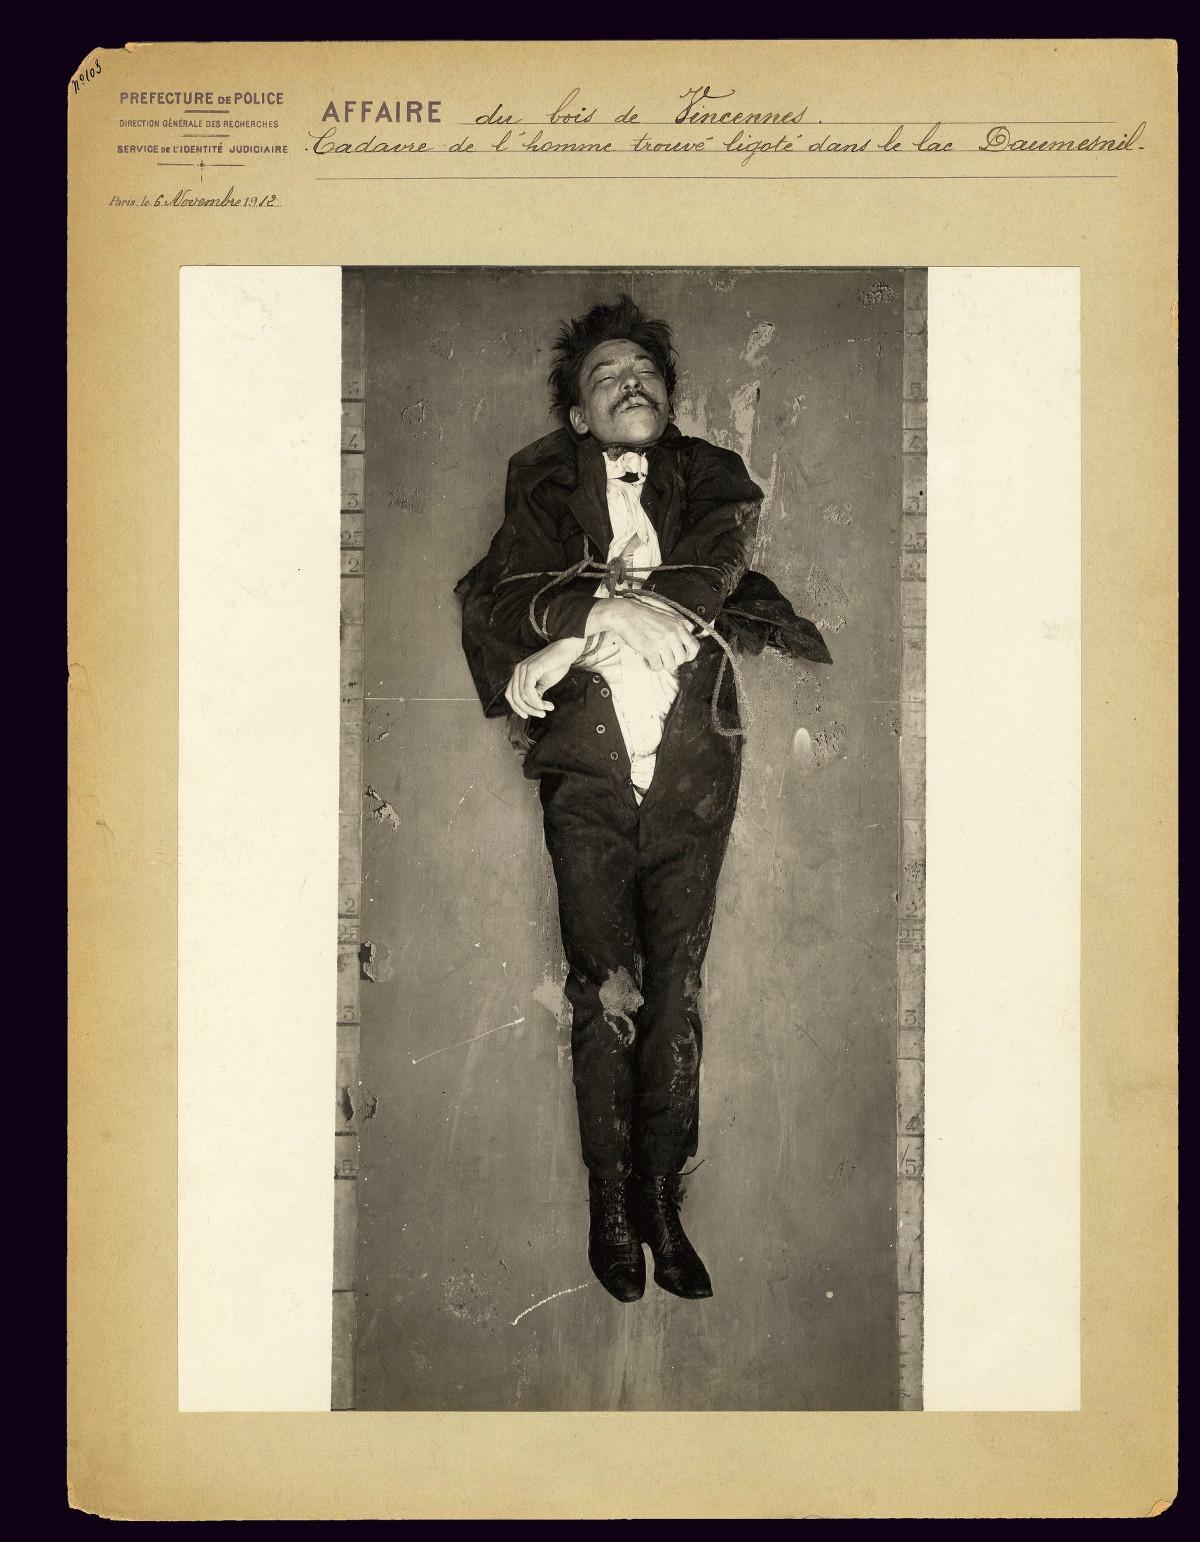 Homem não identificado encontrado amarrado no Lago Daumesnil, no parque Bois de Vincennes, em novembro de 1912. Fotos publicadas com a atenciosa autorização da Polícia de Paris.